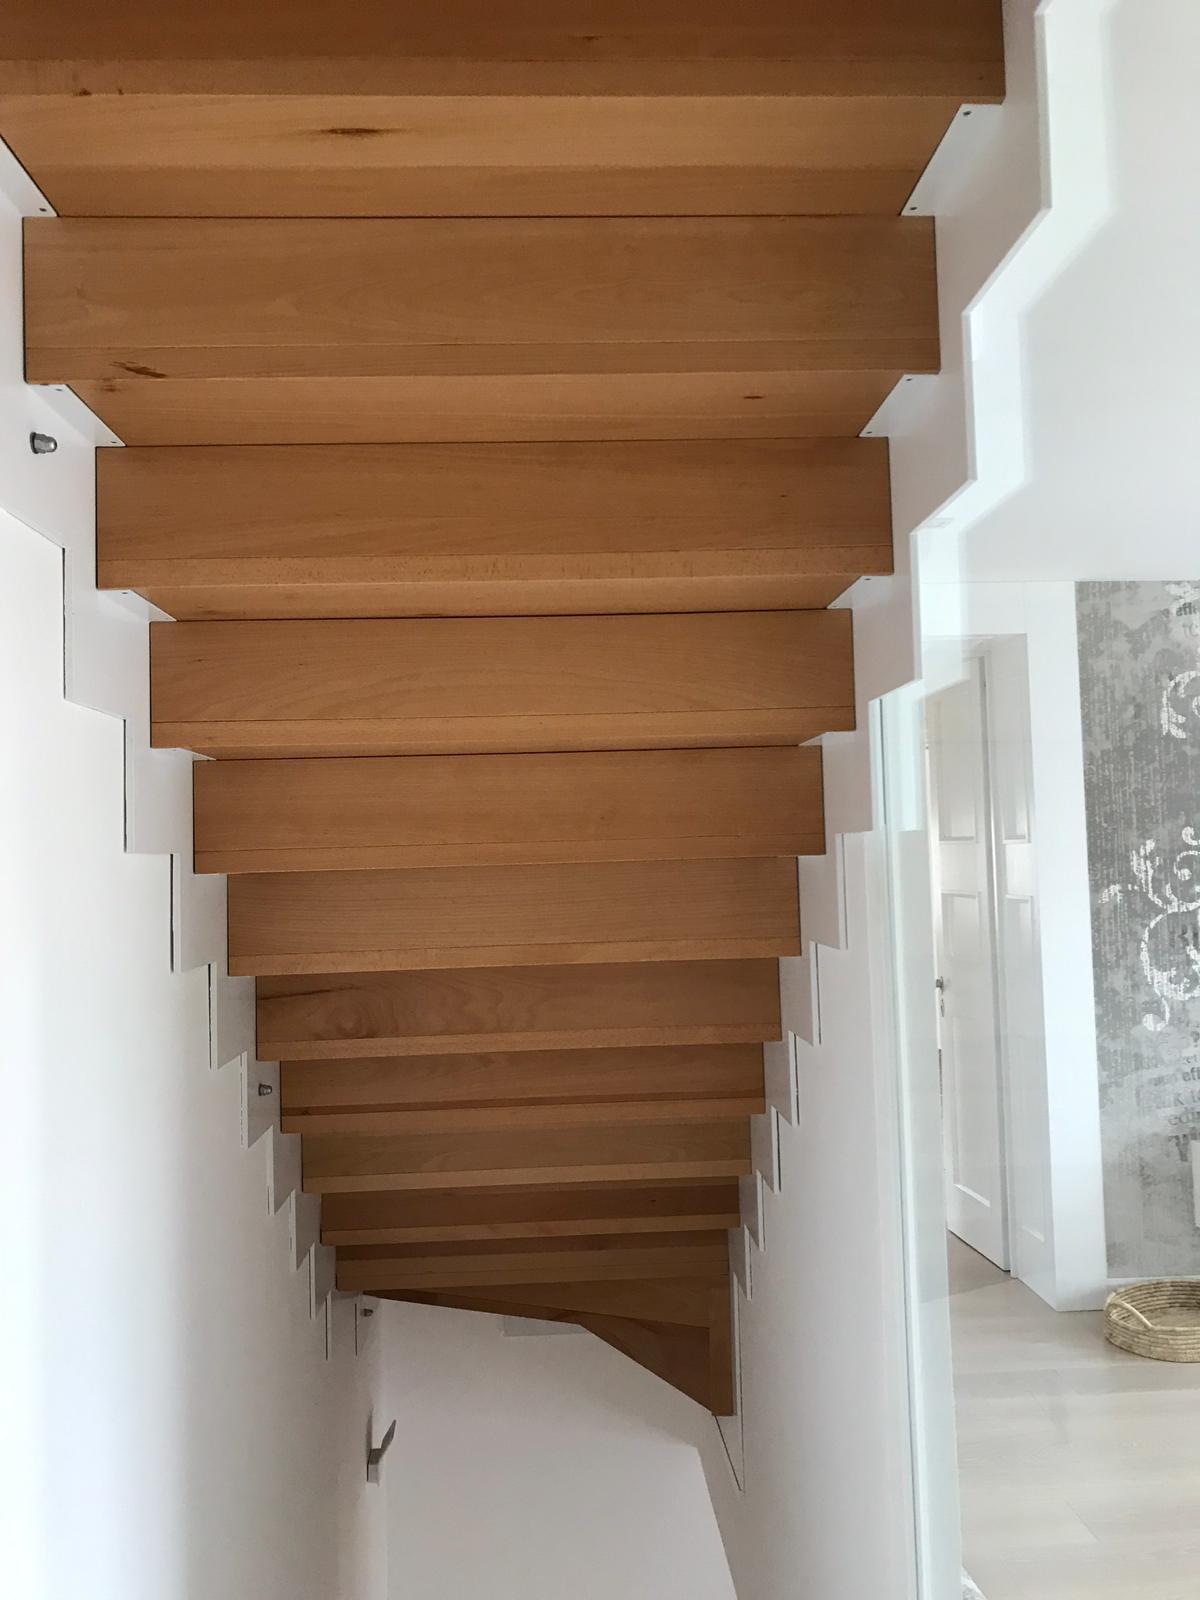 Scala in legno massello faggio al naturale supportata da struttura in acciaio verniciato